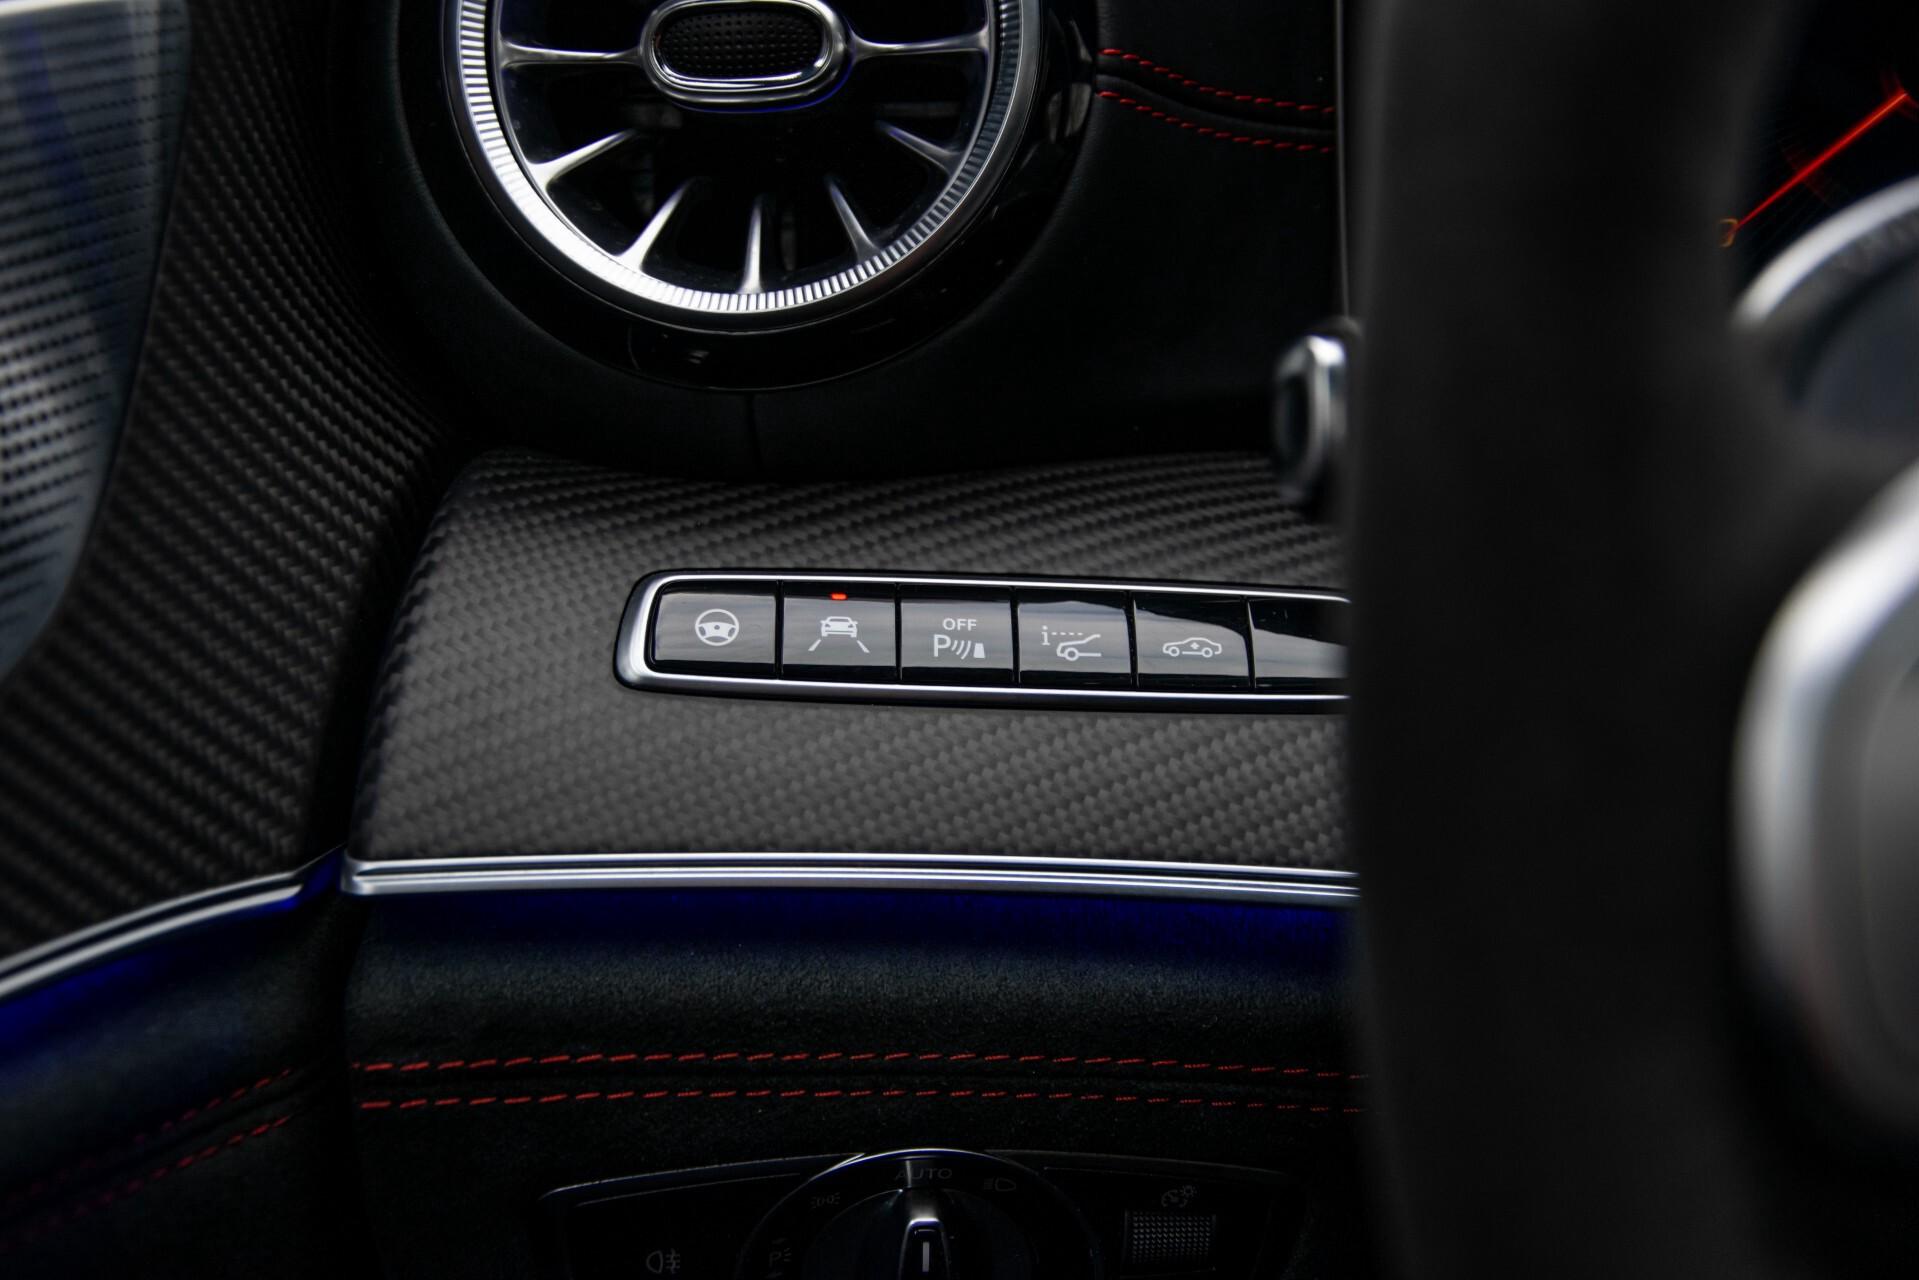 Mercedes-Benz AMG GT 4-Door Coupe 63 S 4M+ Keramisch/Full Carbon/Aerodynamica/Burmester 3D/TV/Performance stoelen/Standkachel Aut9 Foto 54